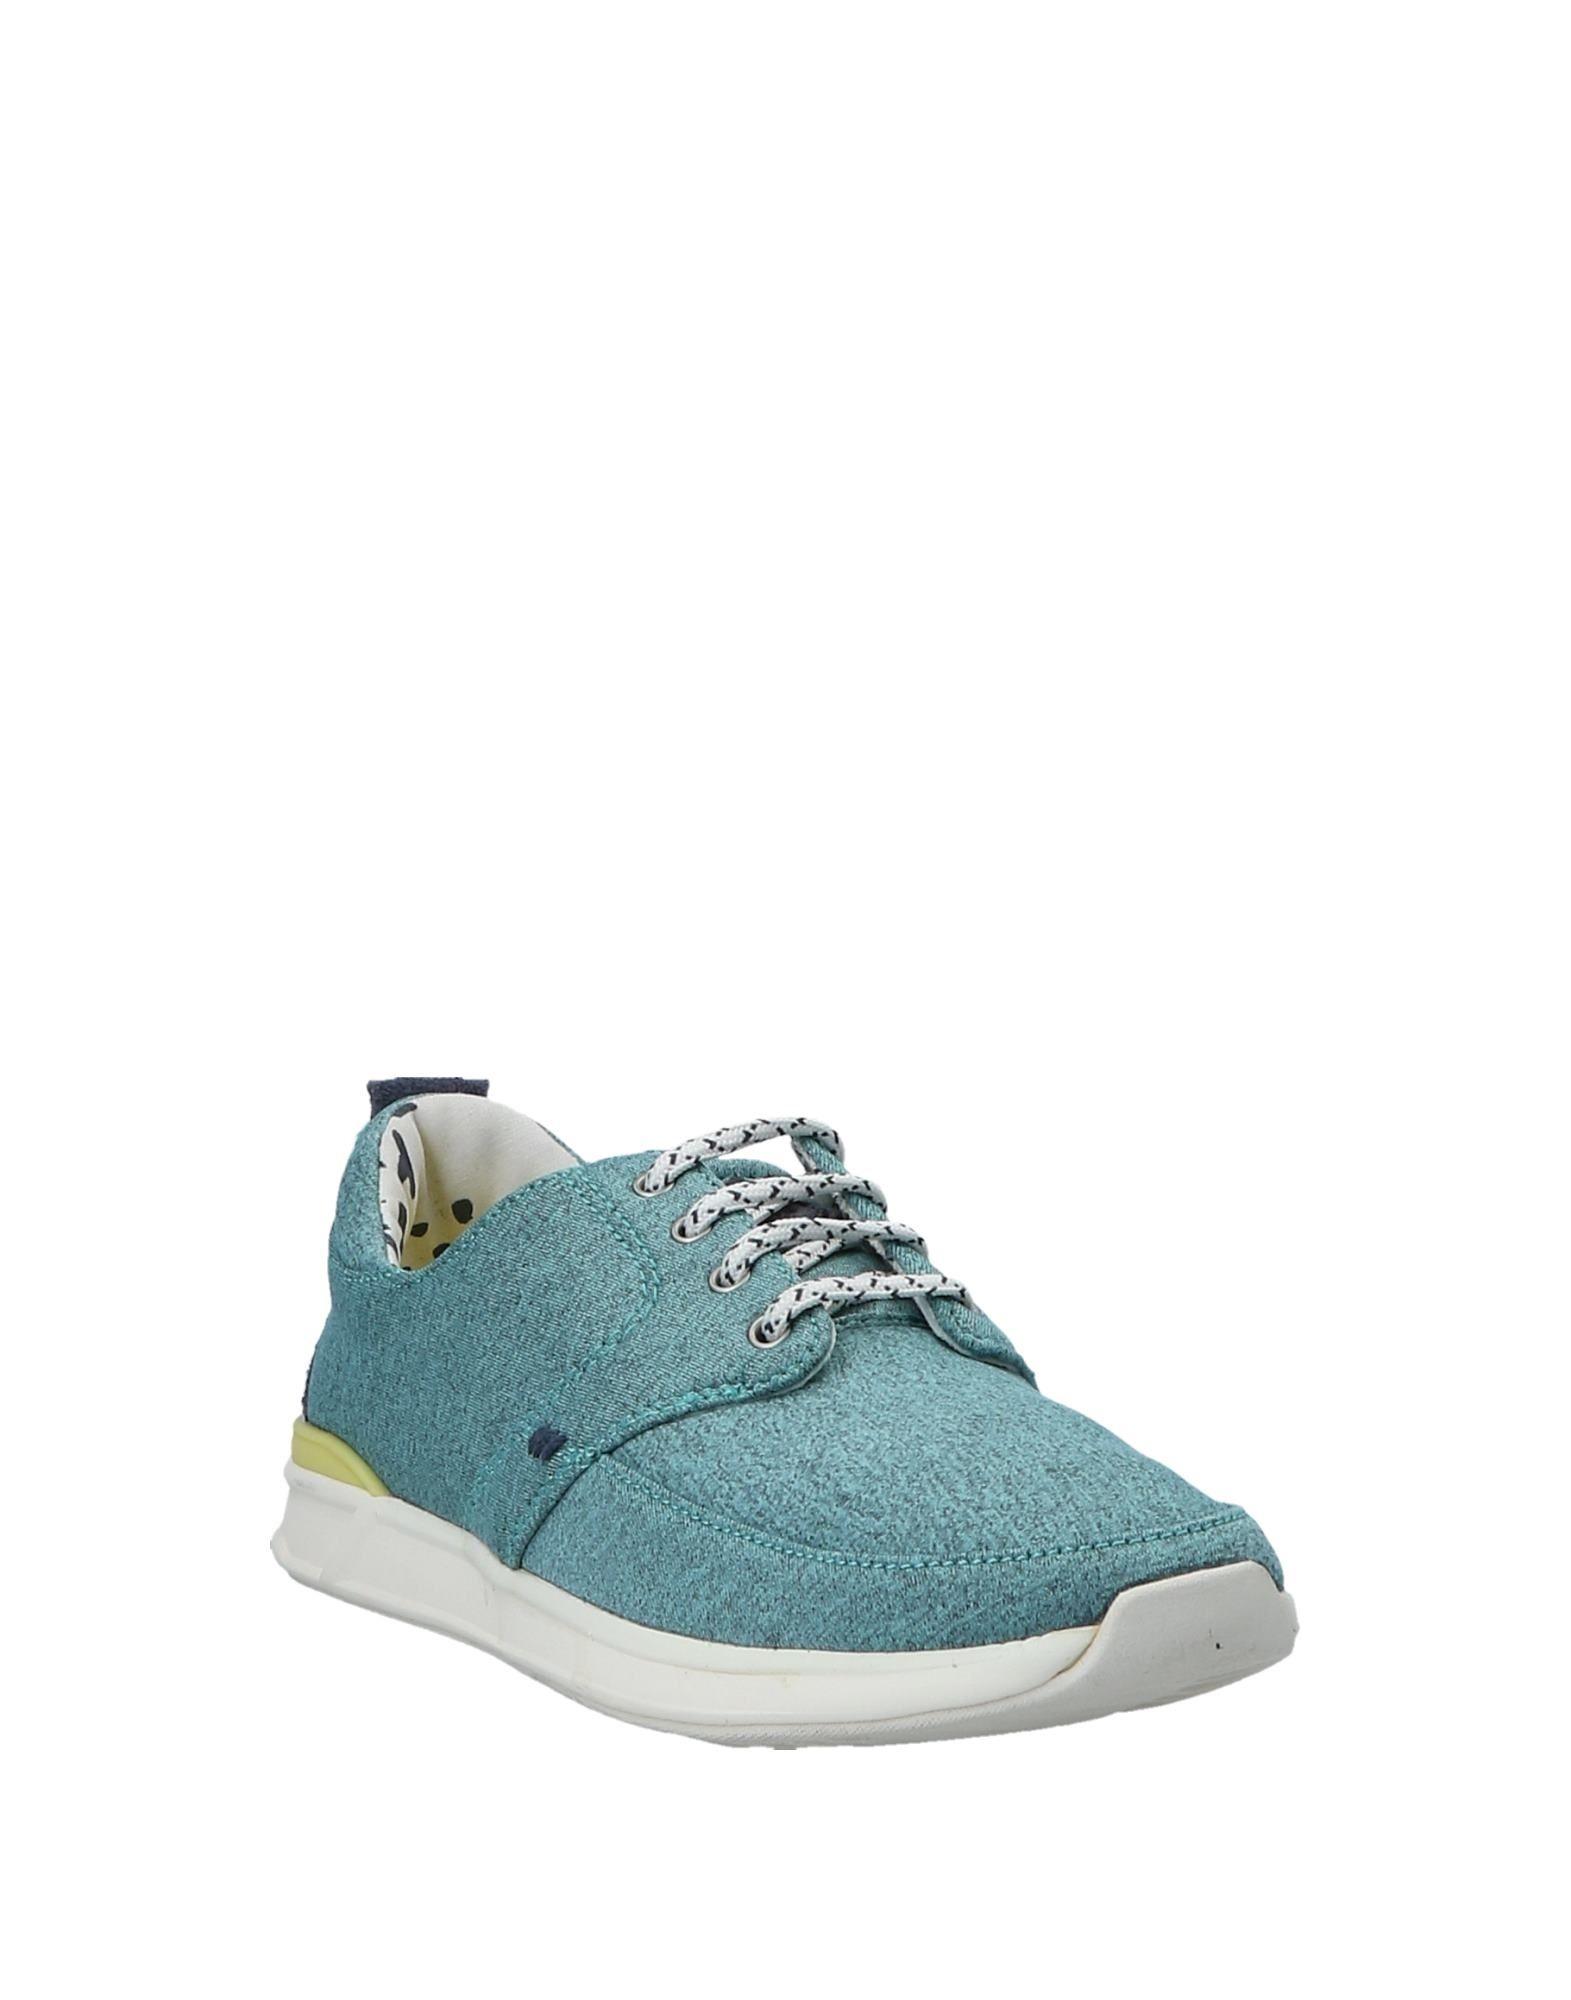 Reef Sneakers Damen beliebte  11557047RU Gute Qualität beliebte Damen Schuhe 87151d